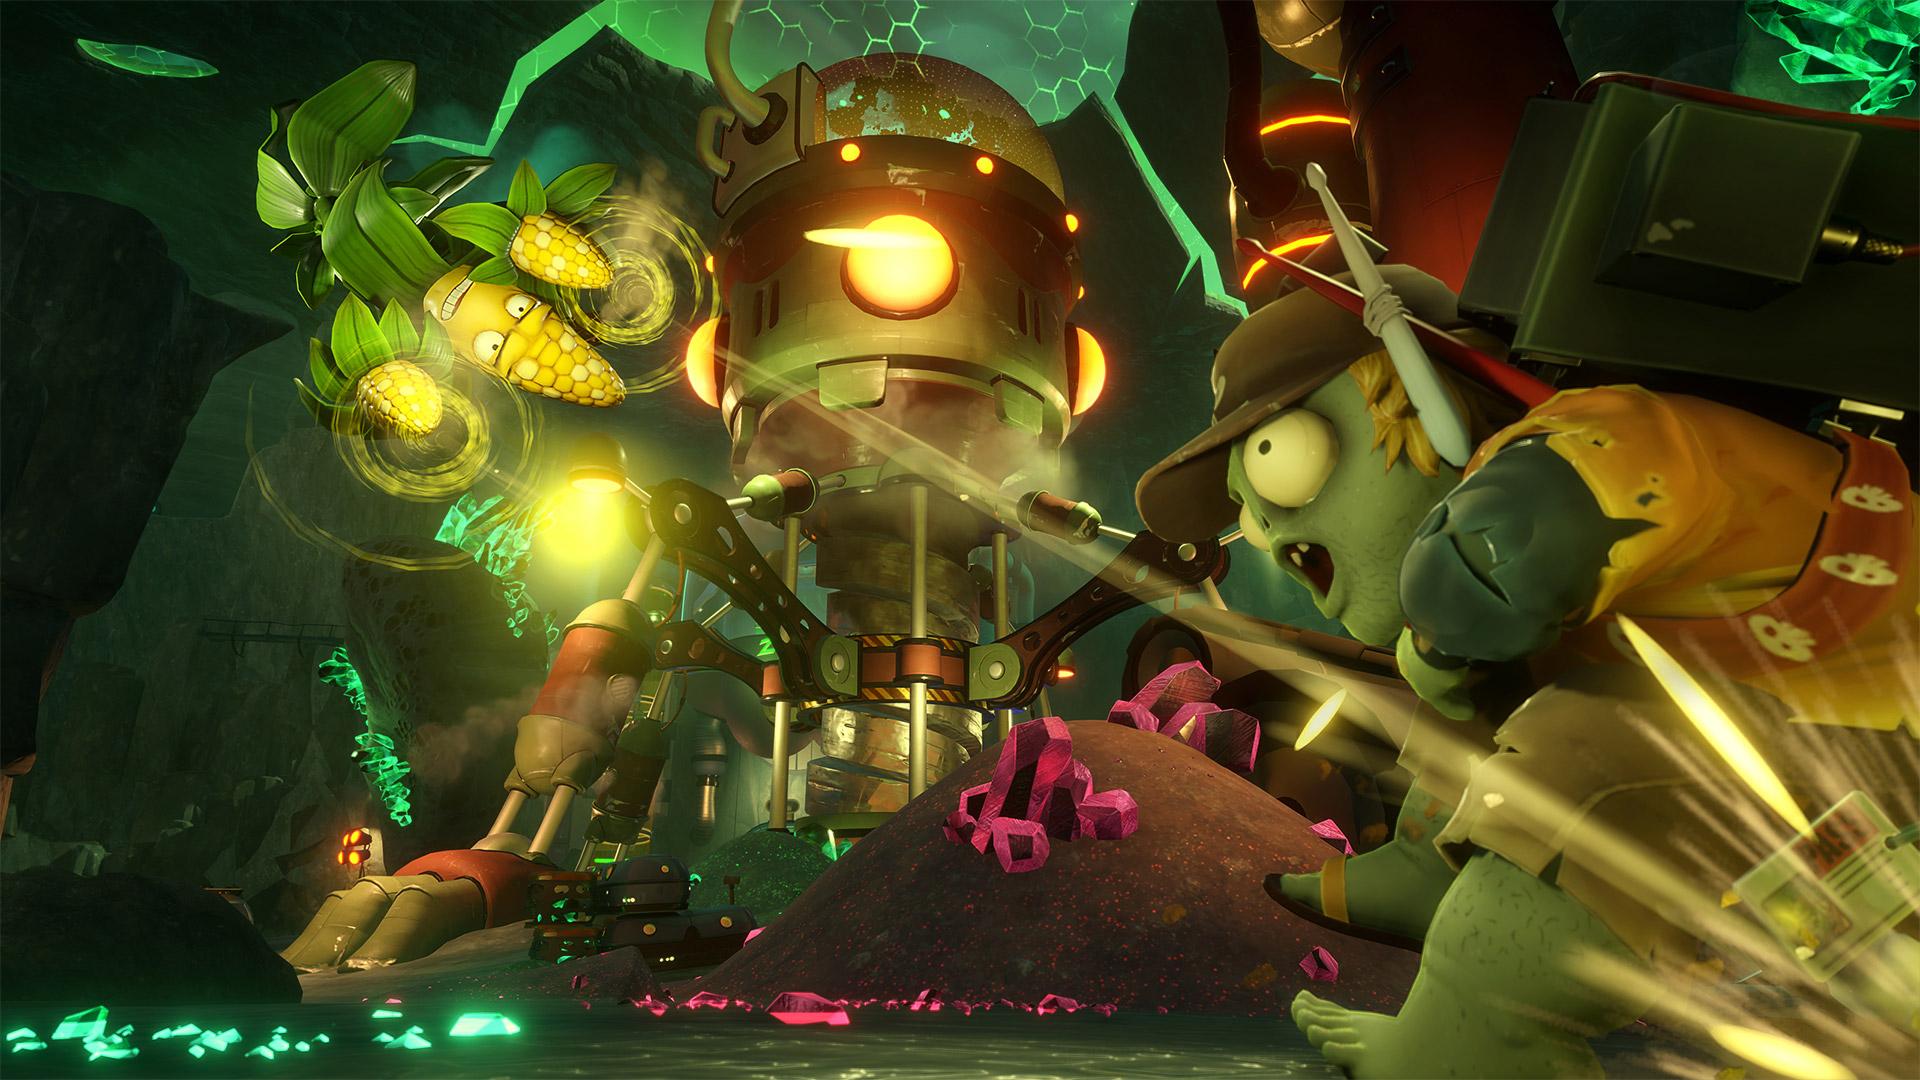 Free Download Plants Vs Zombies Garden Warfare 2 Wallpaper In